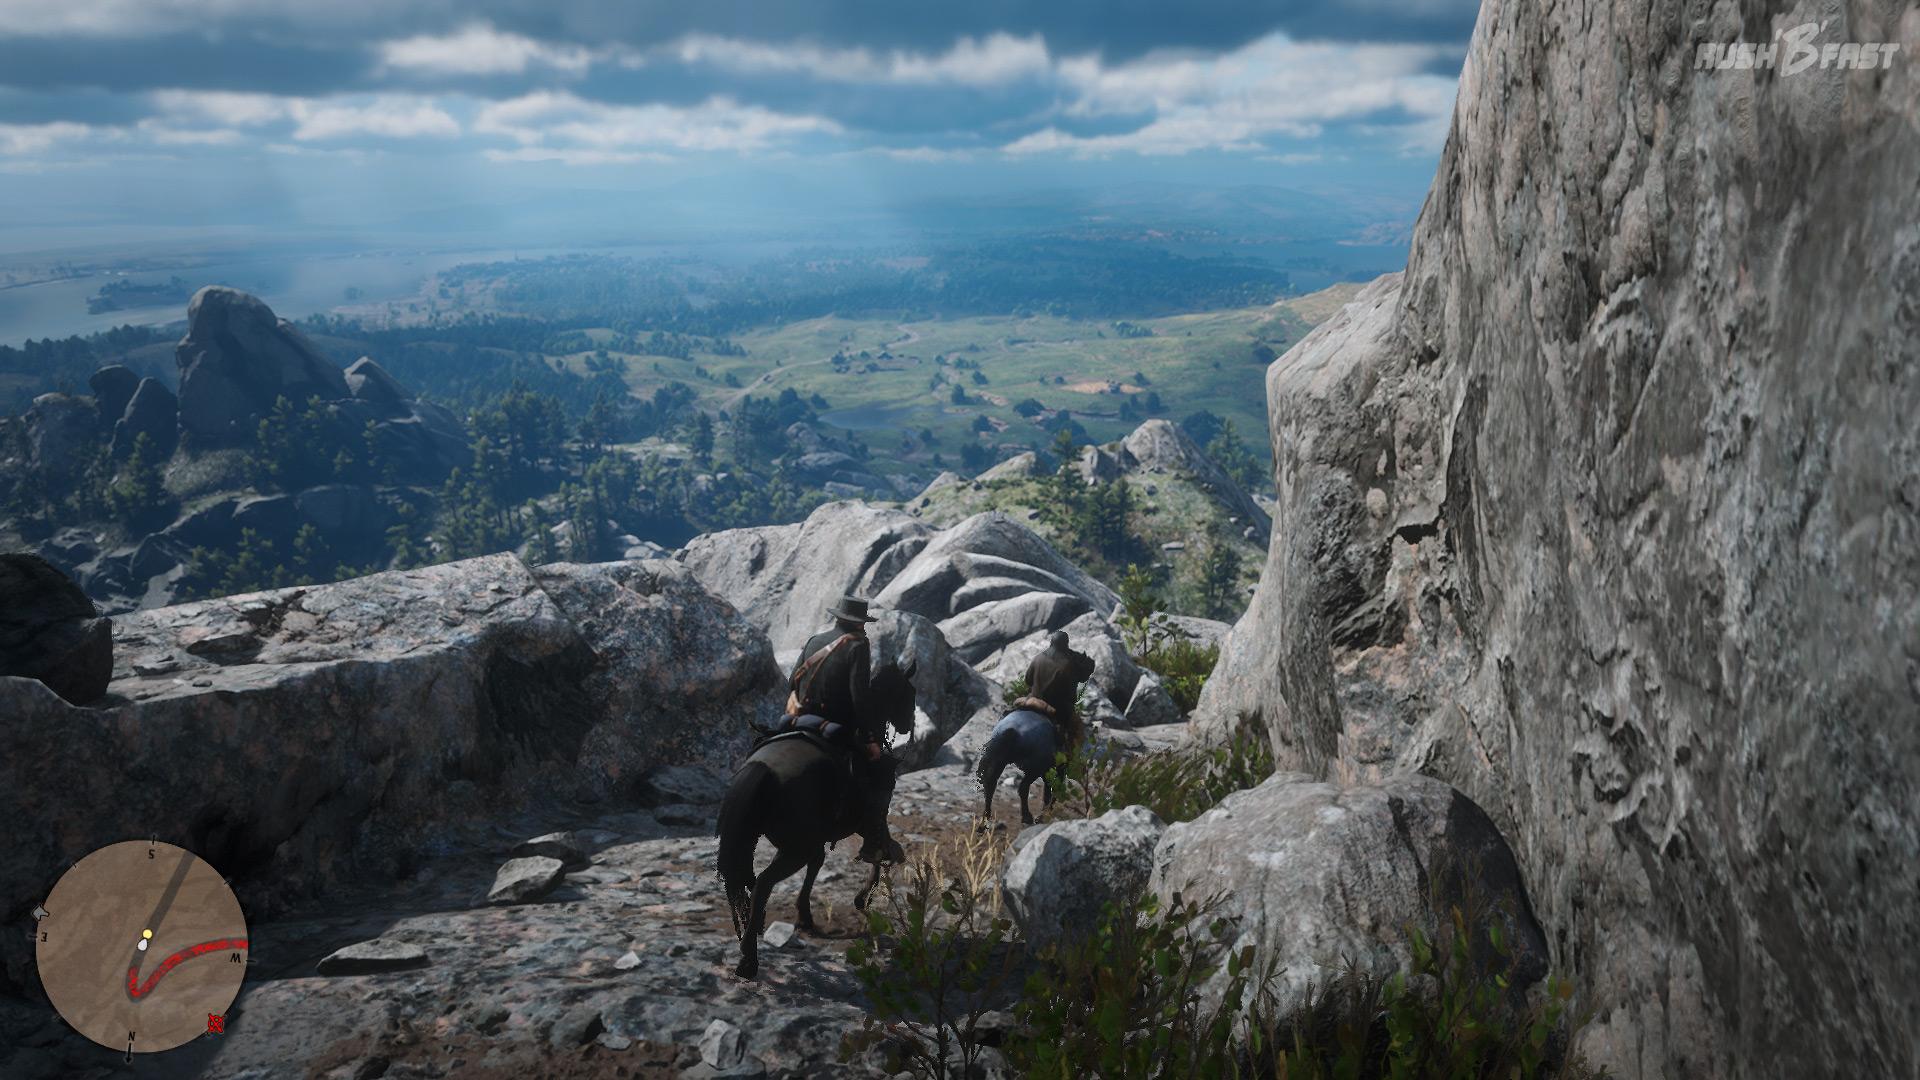 Red Dead Redemption 2 - Die Weitsicht in den Bergen ist unglaublich.